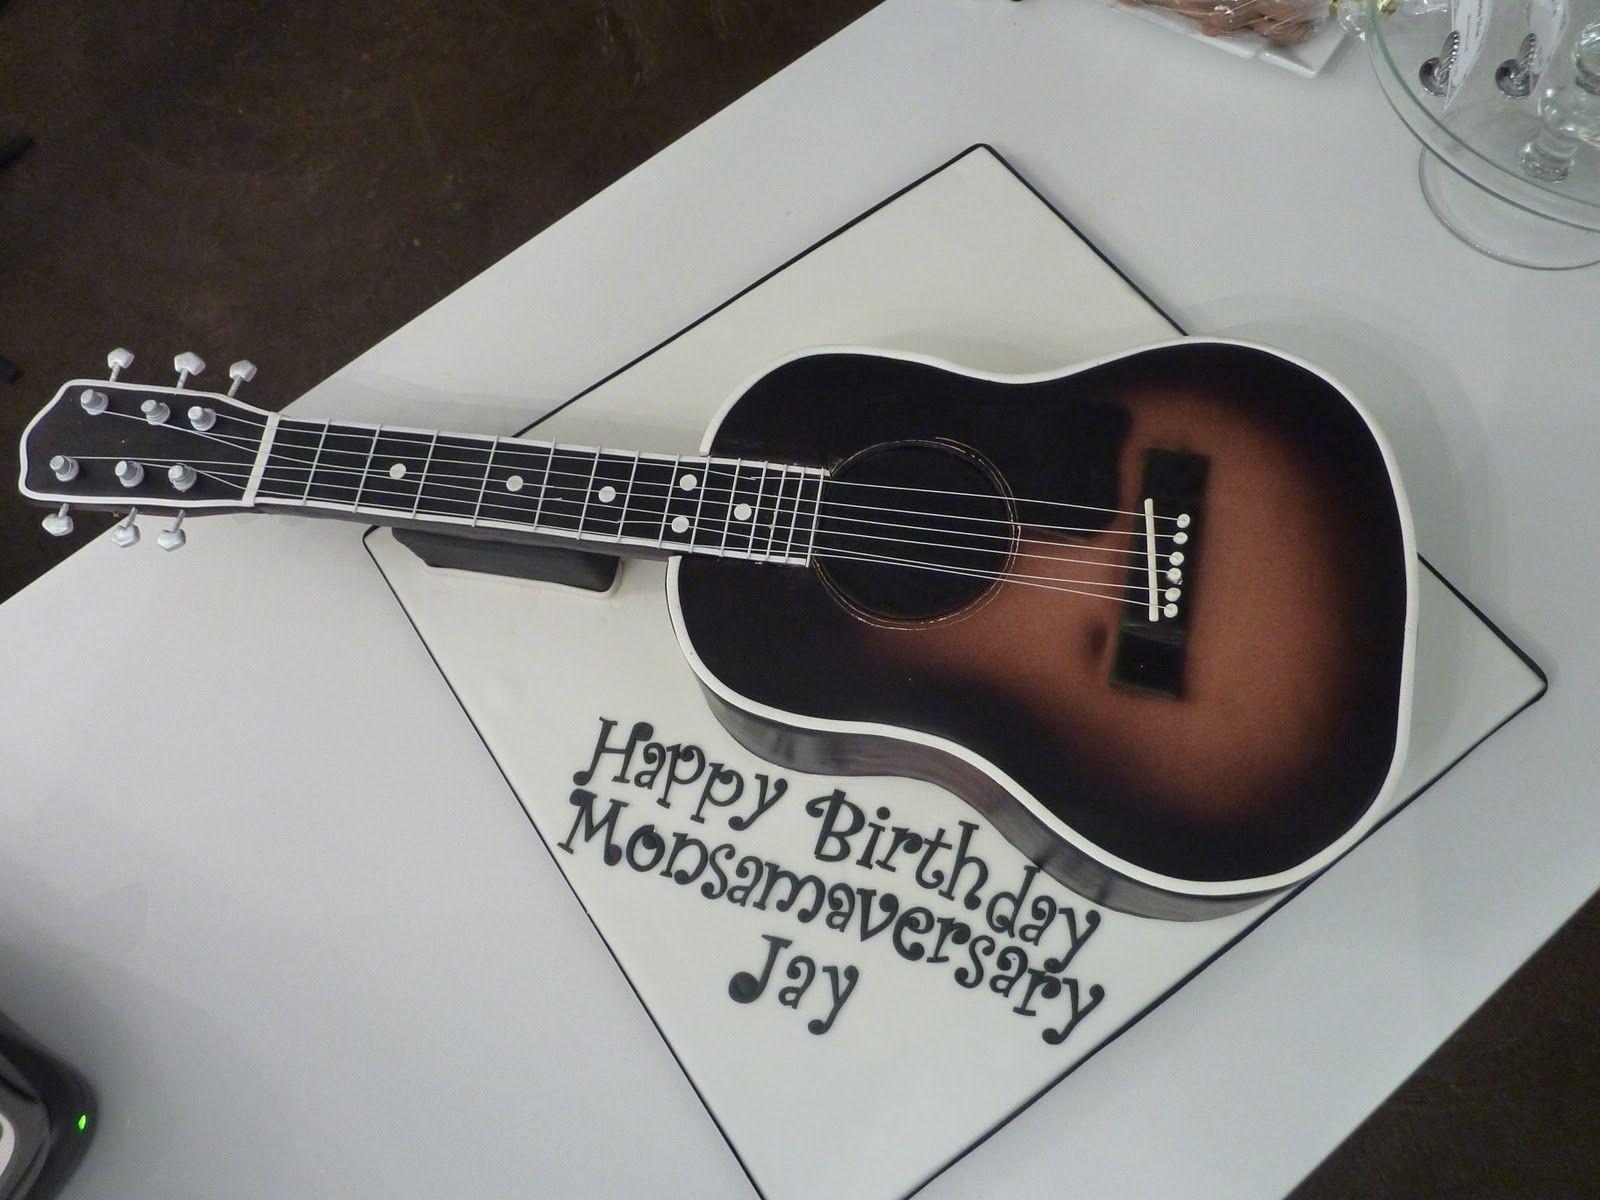 Happy Birthday Cake Jay Images ~ Anand khinvasara happy birthday to me hahaha